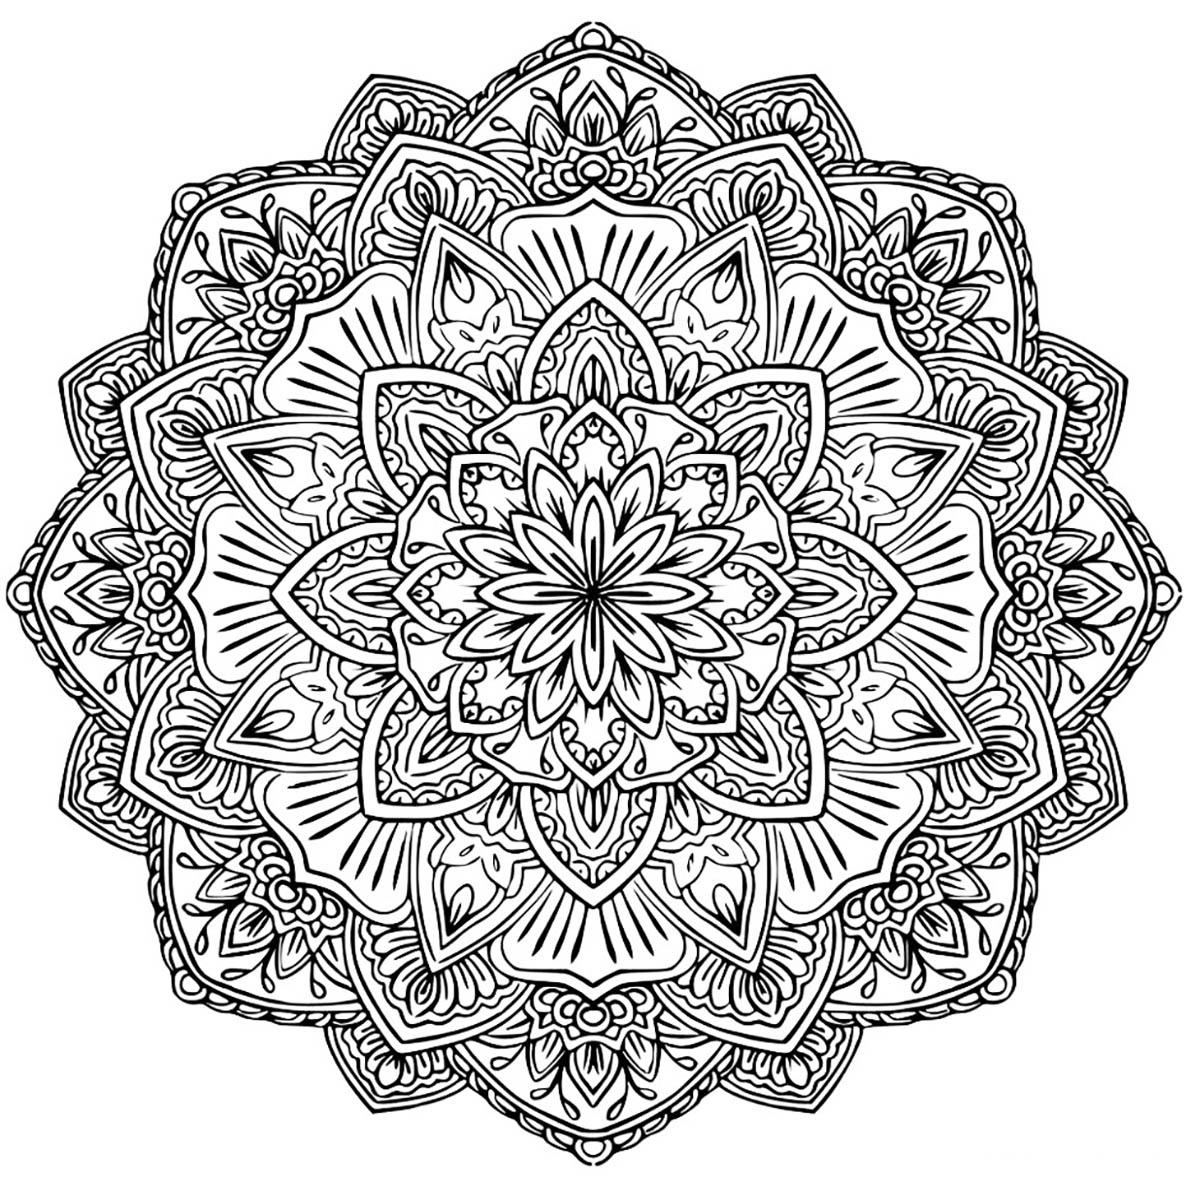 Mandala A Colorier Gratuit Fleurs Difficile - Mandalas destiné Coloriage De Mandala Difficile A Imprimer